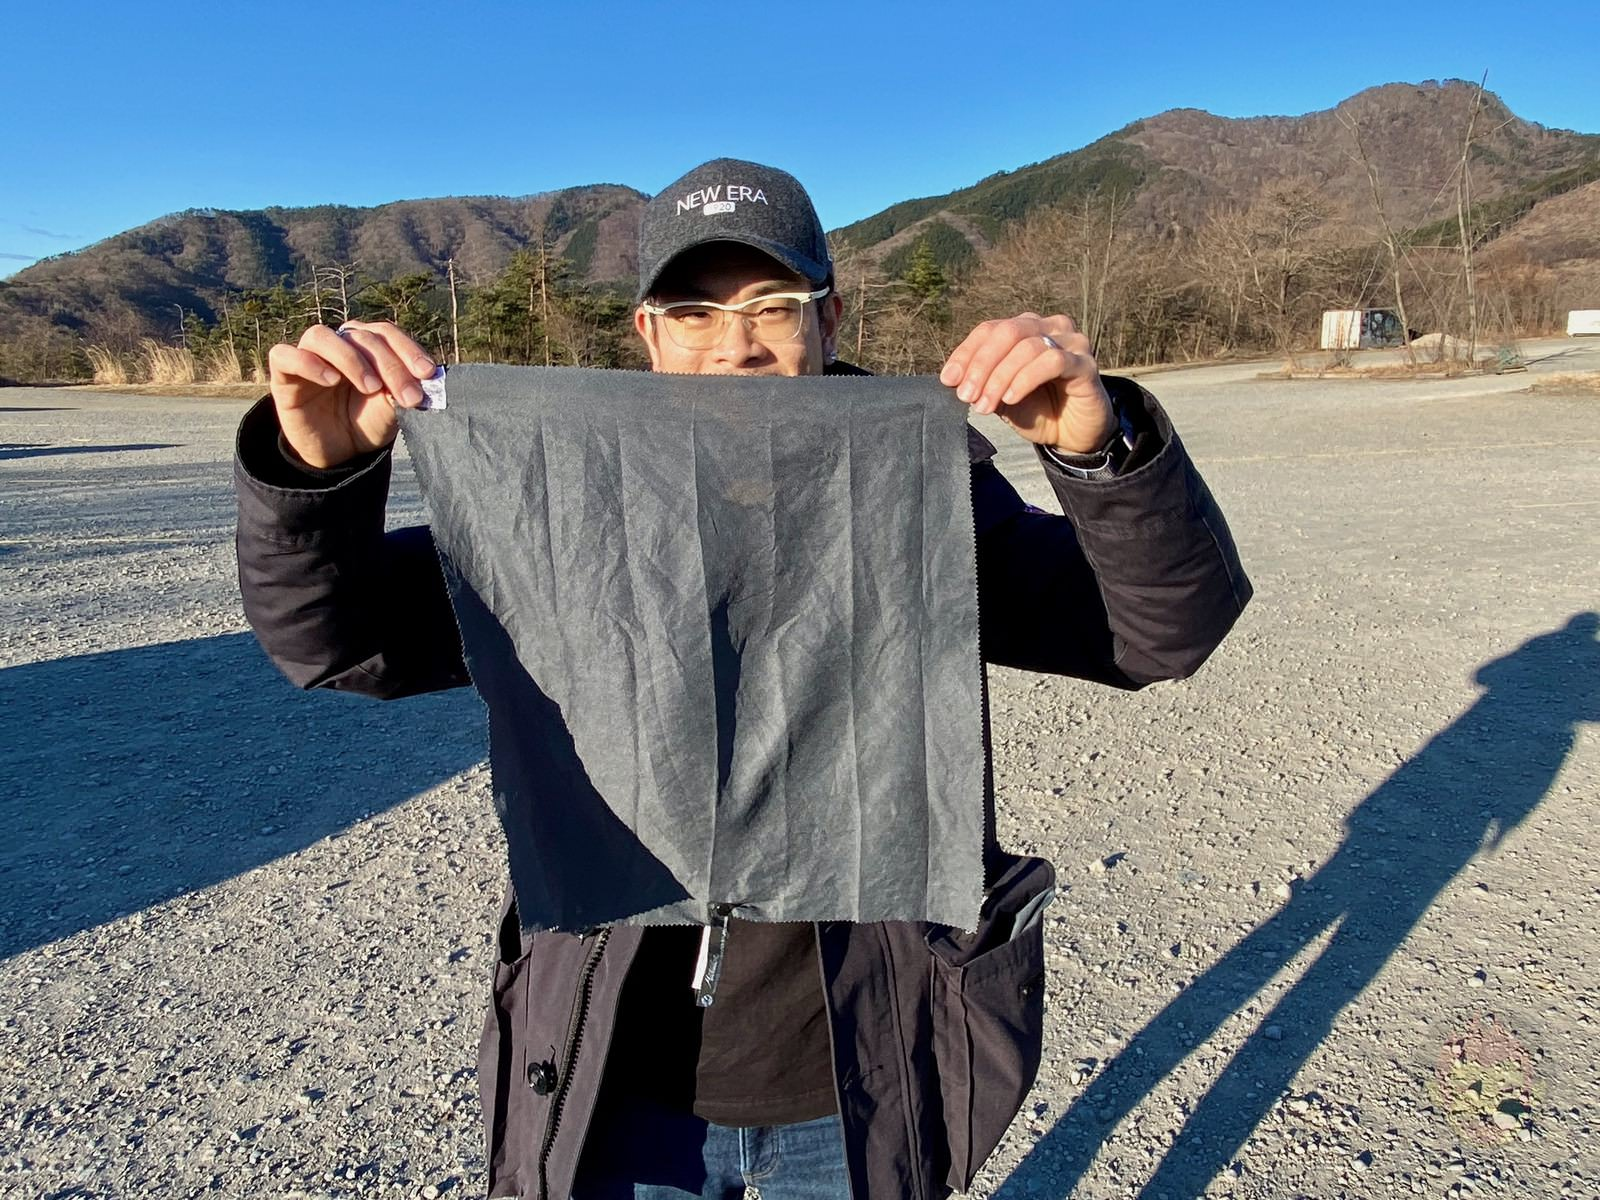 Matador-Nanodry-Towel-Review-04.jpeg